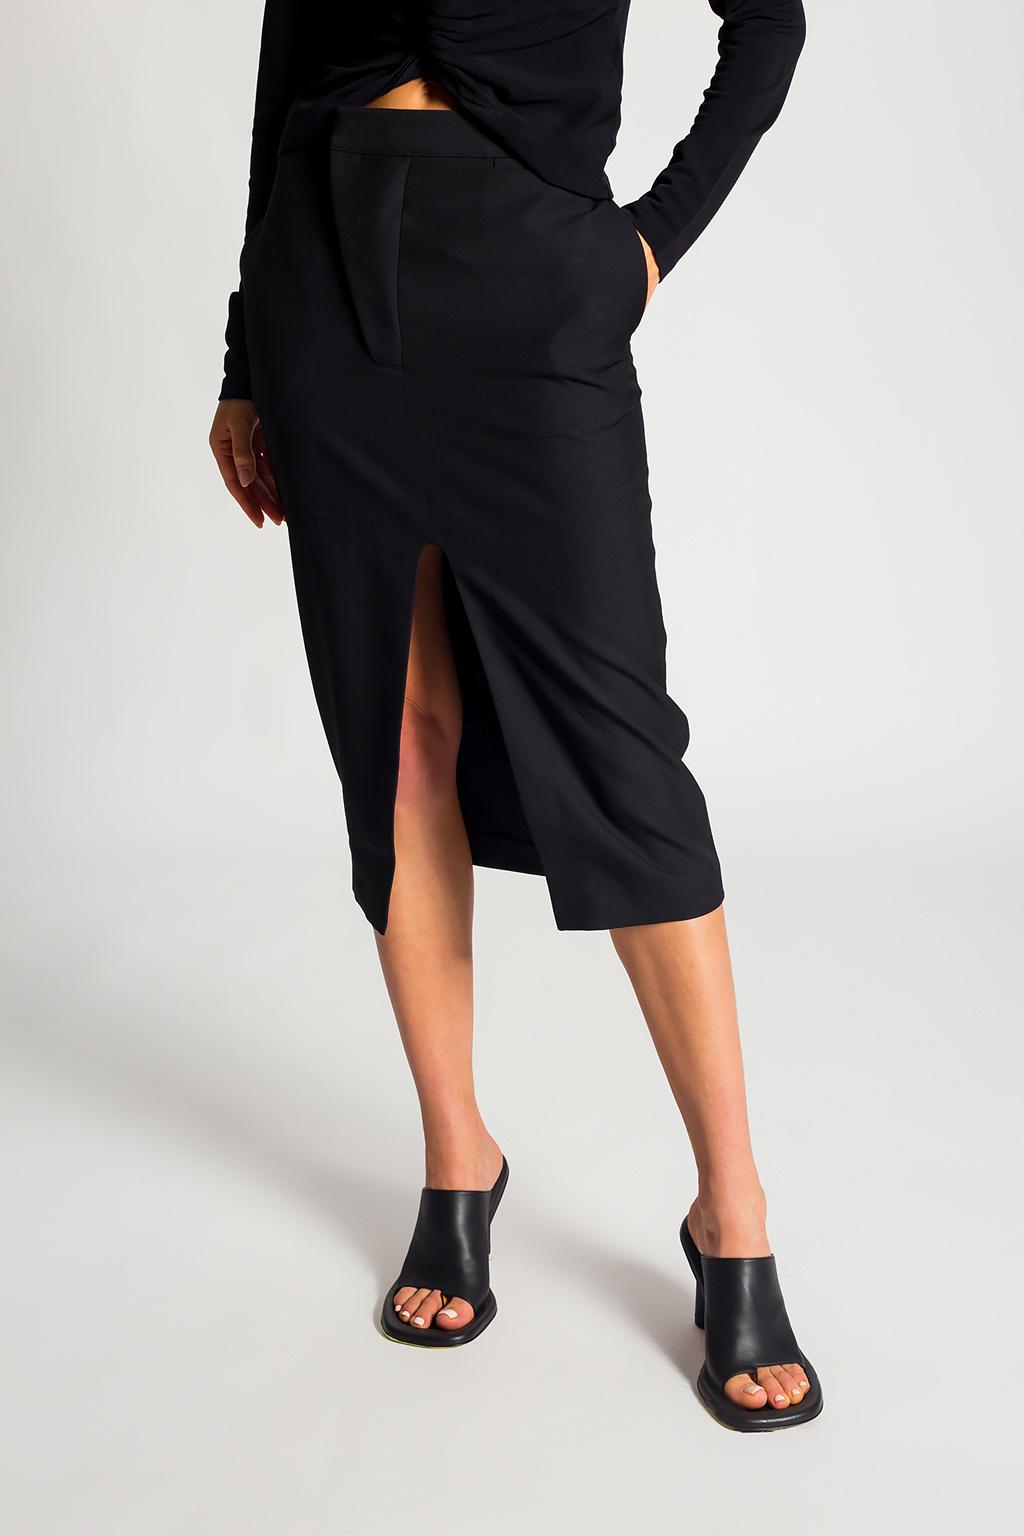 Ambush Skirt with slit